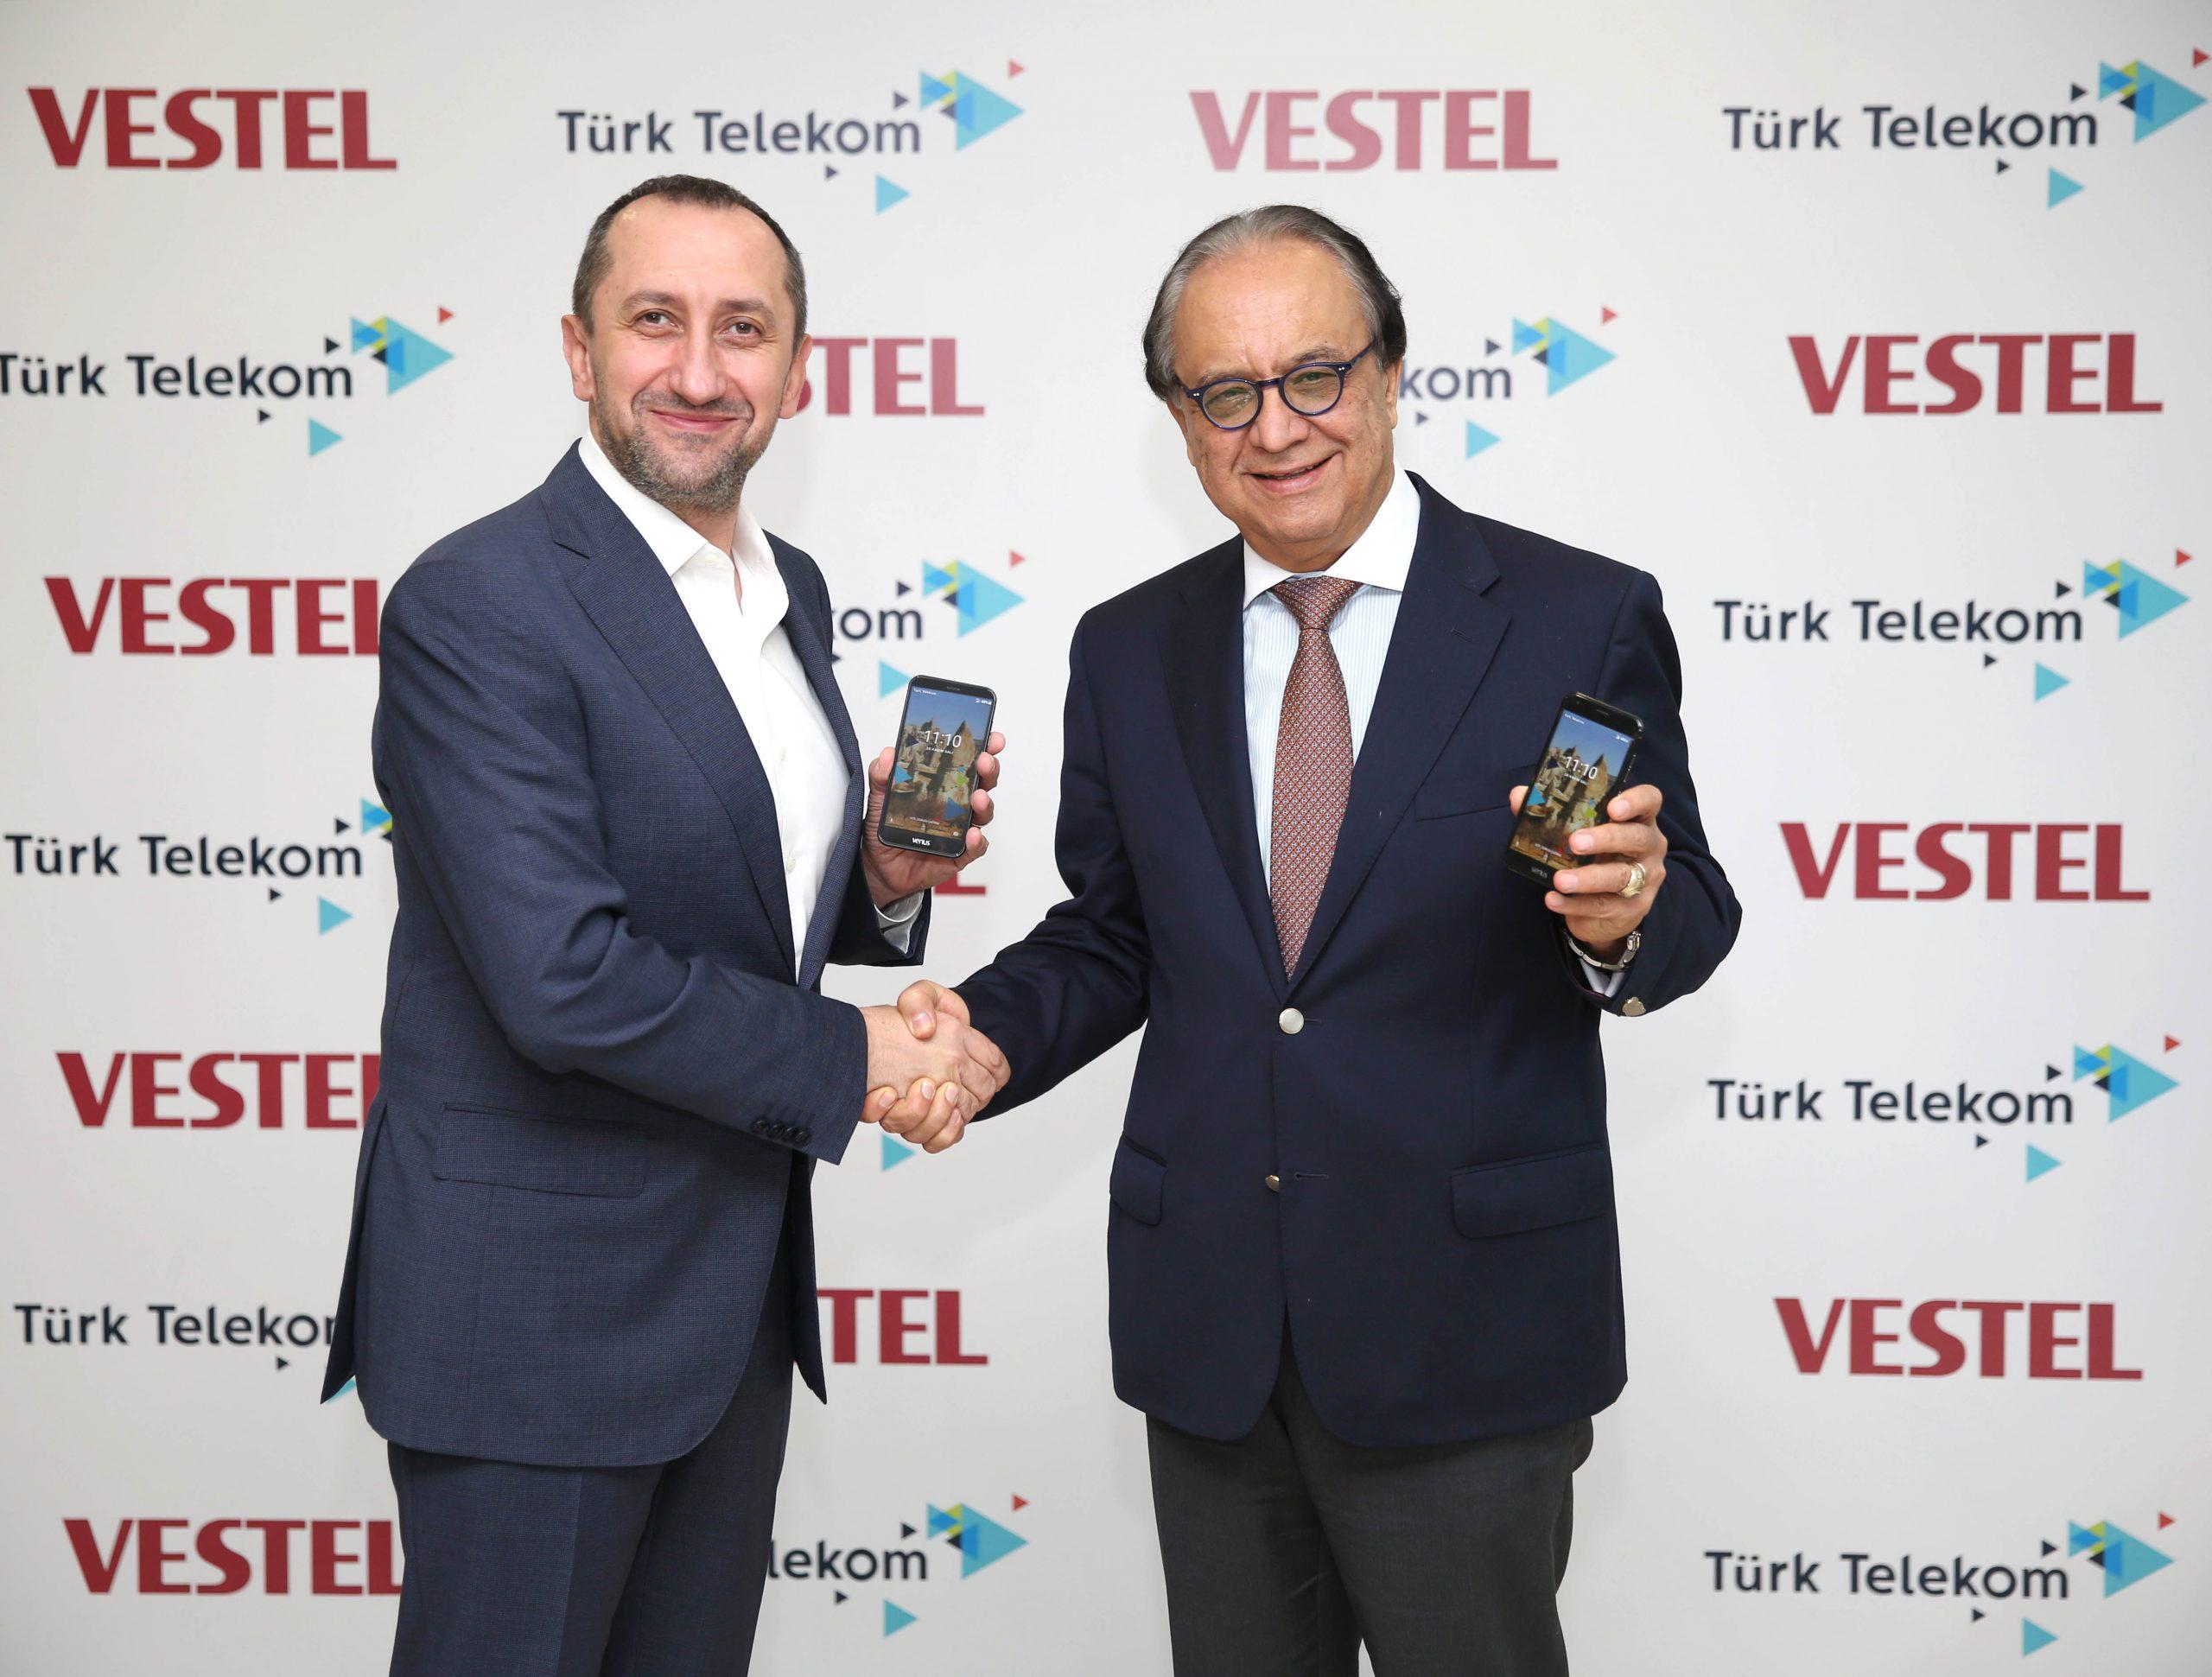 turk-telekom-ve-vestel-den-yerli-is-birligi